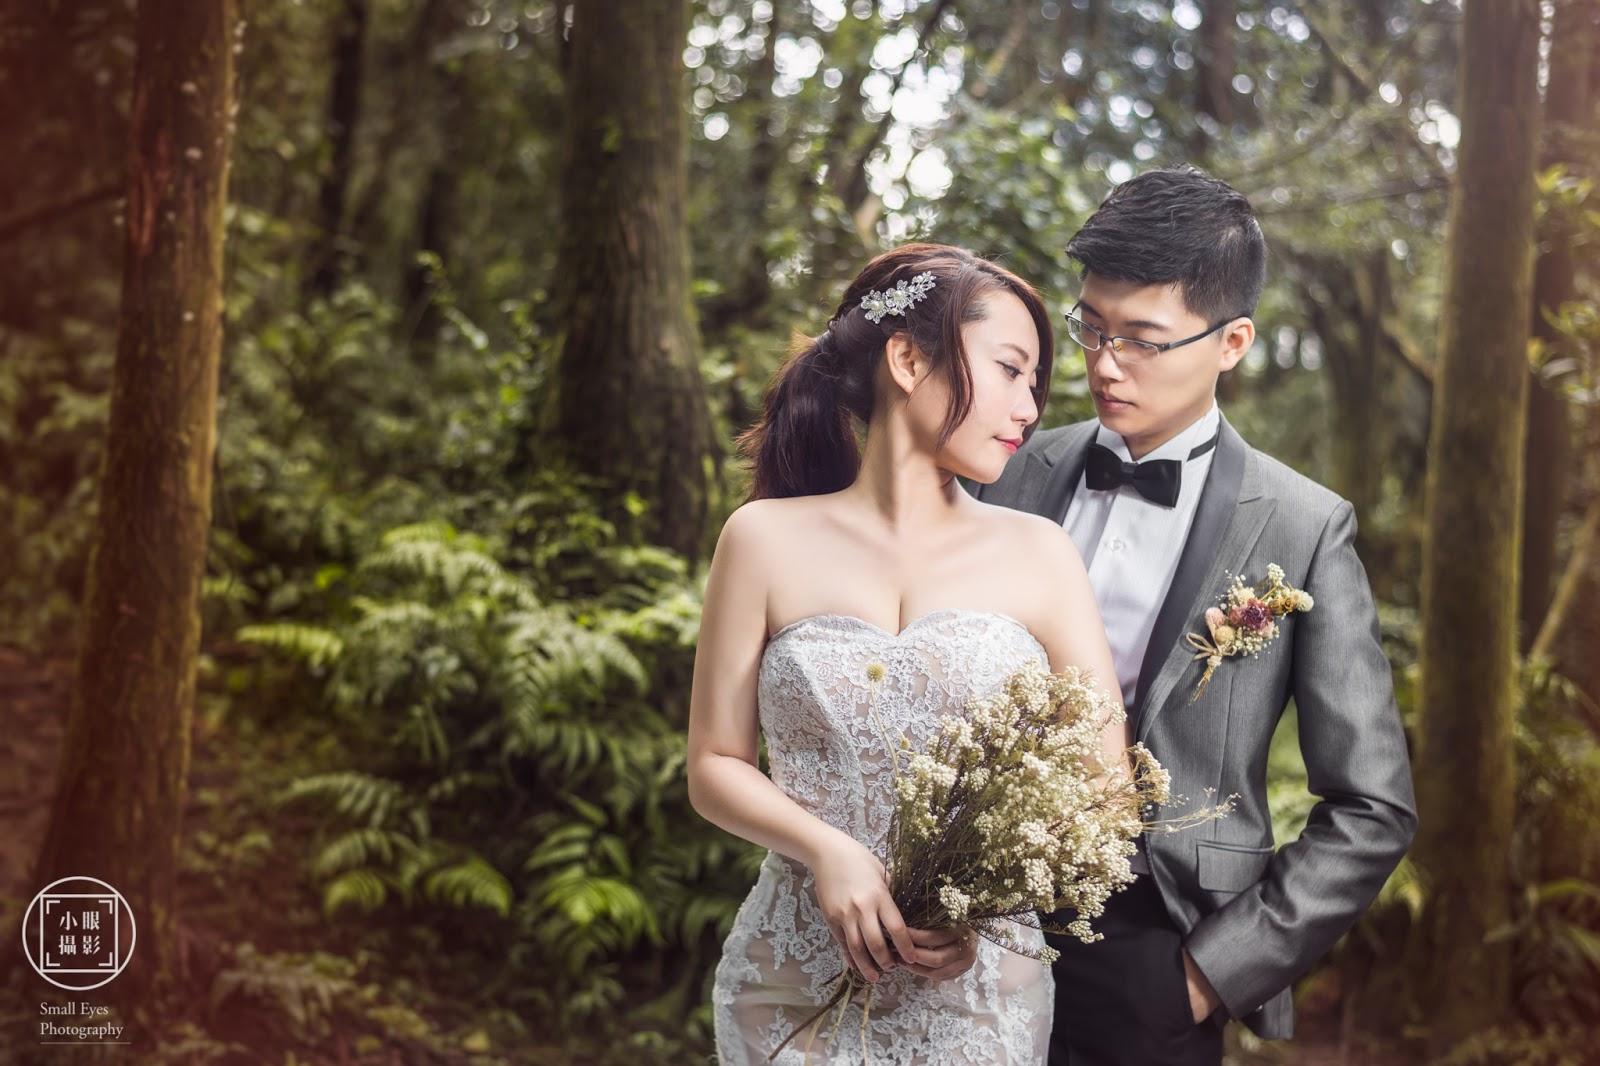 婚攝,小眼攝影,婚禮紀實,婚禮紀錄,婚紗,國內婚紗,海外婚紗,寫真,婚攝小眼,人像寫真,自主婚紗,自助婚紗